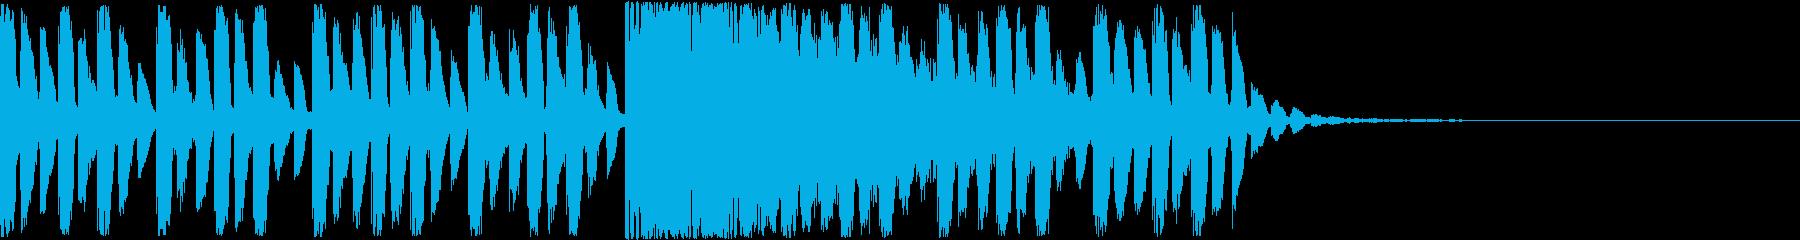 【ピコピコ系】かわいい、ファンタジー世界の再生済みの波形